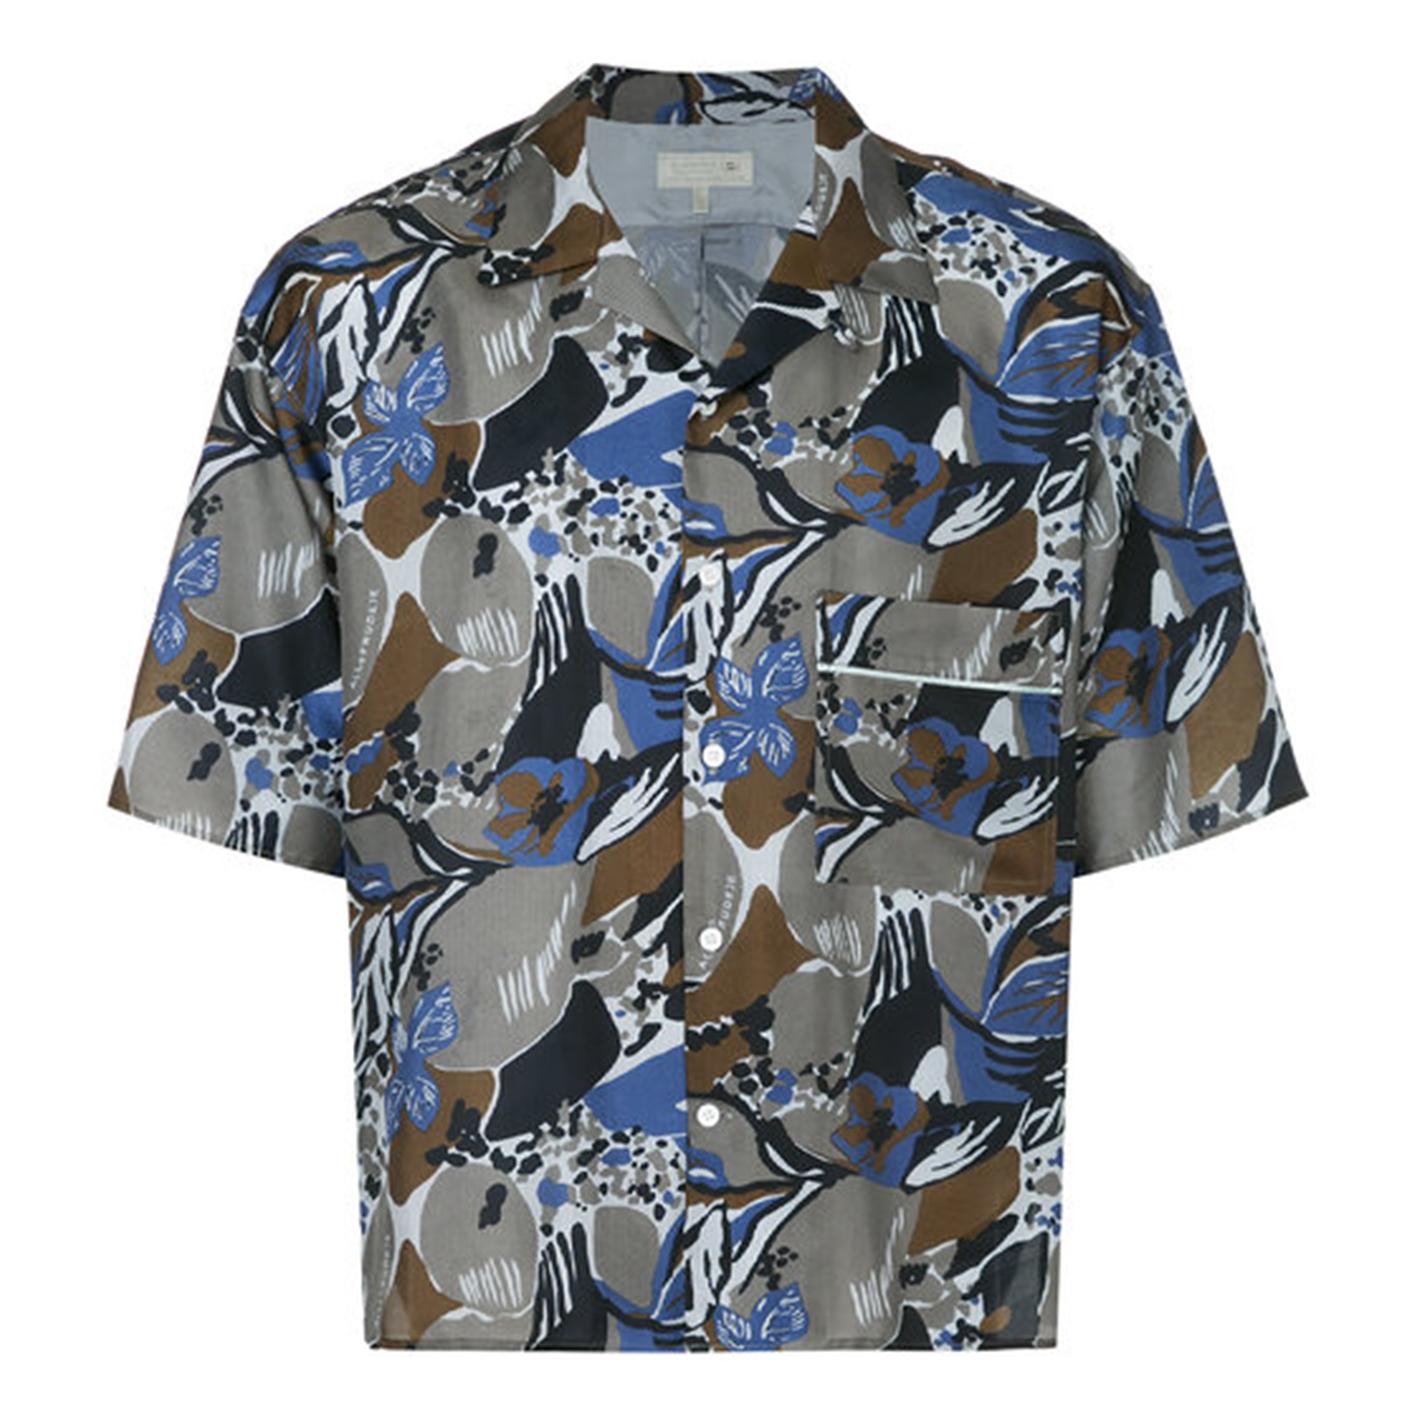 A(lefrude)e printed shirt